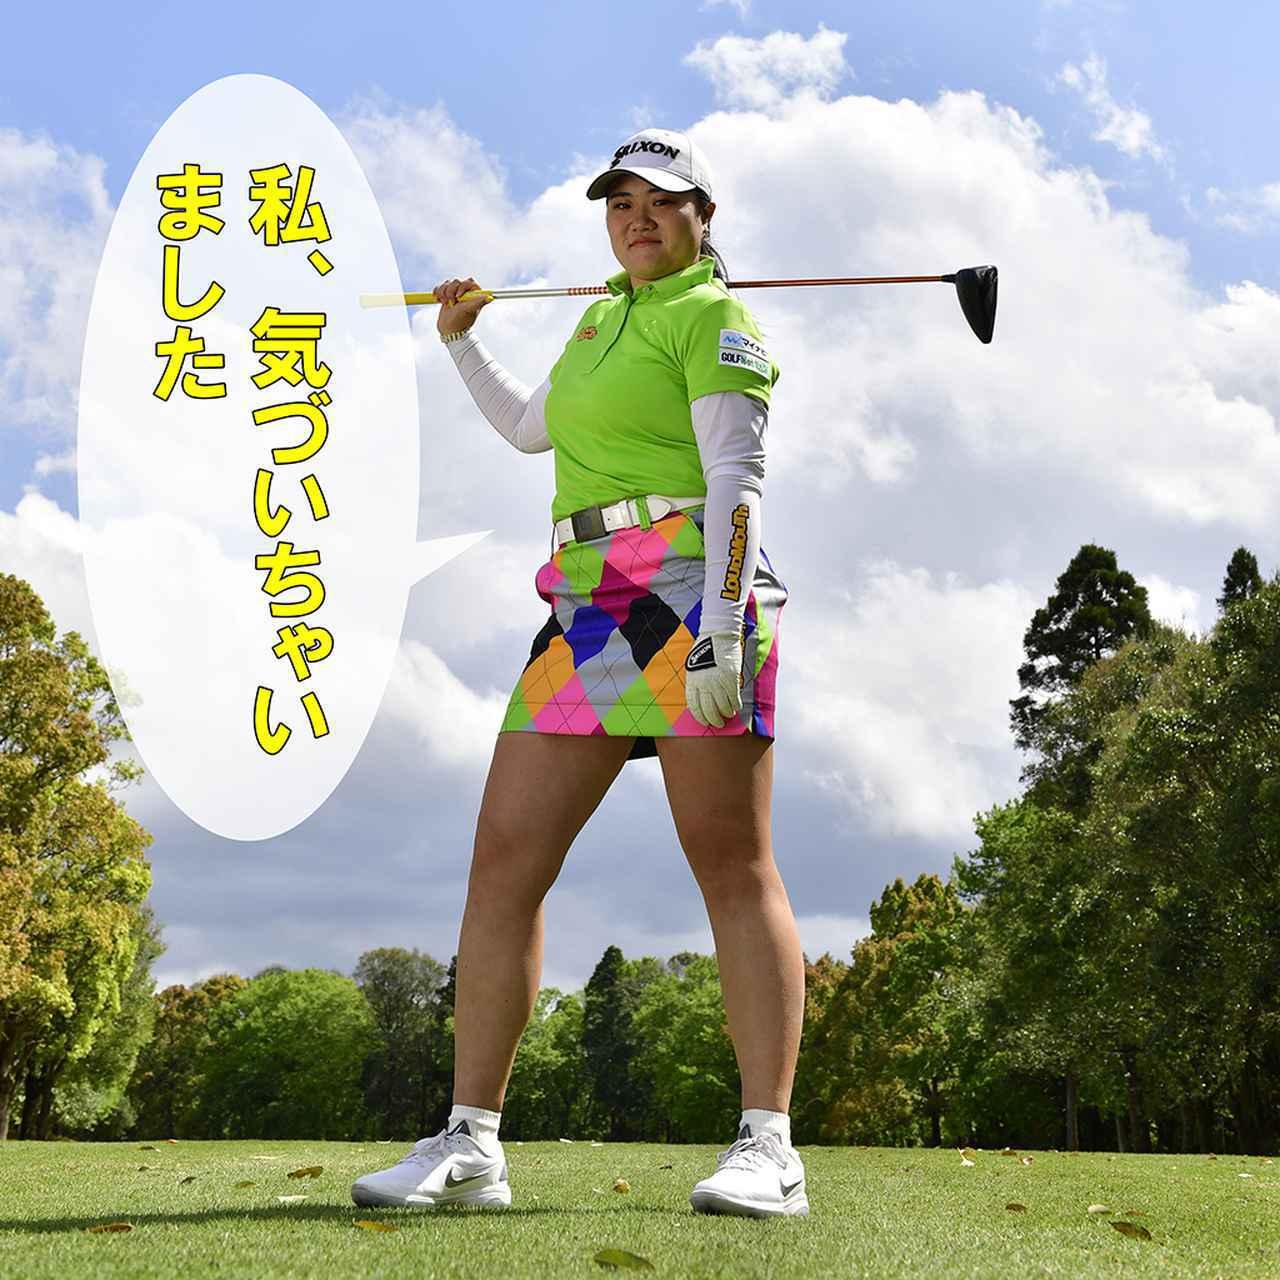 画像: 【解説】河野杏奈プロ こうのあんな。1999年生まれ東京都出身。ゴルフ好きの父の影響でゴルフを始める。昨年のプロテストに合格、QTでは7位に入り、安定した力を証明した。中学2年生の頃から井上透コーチに師事